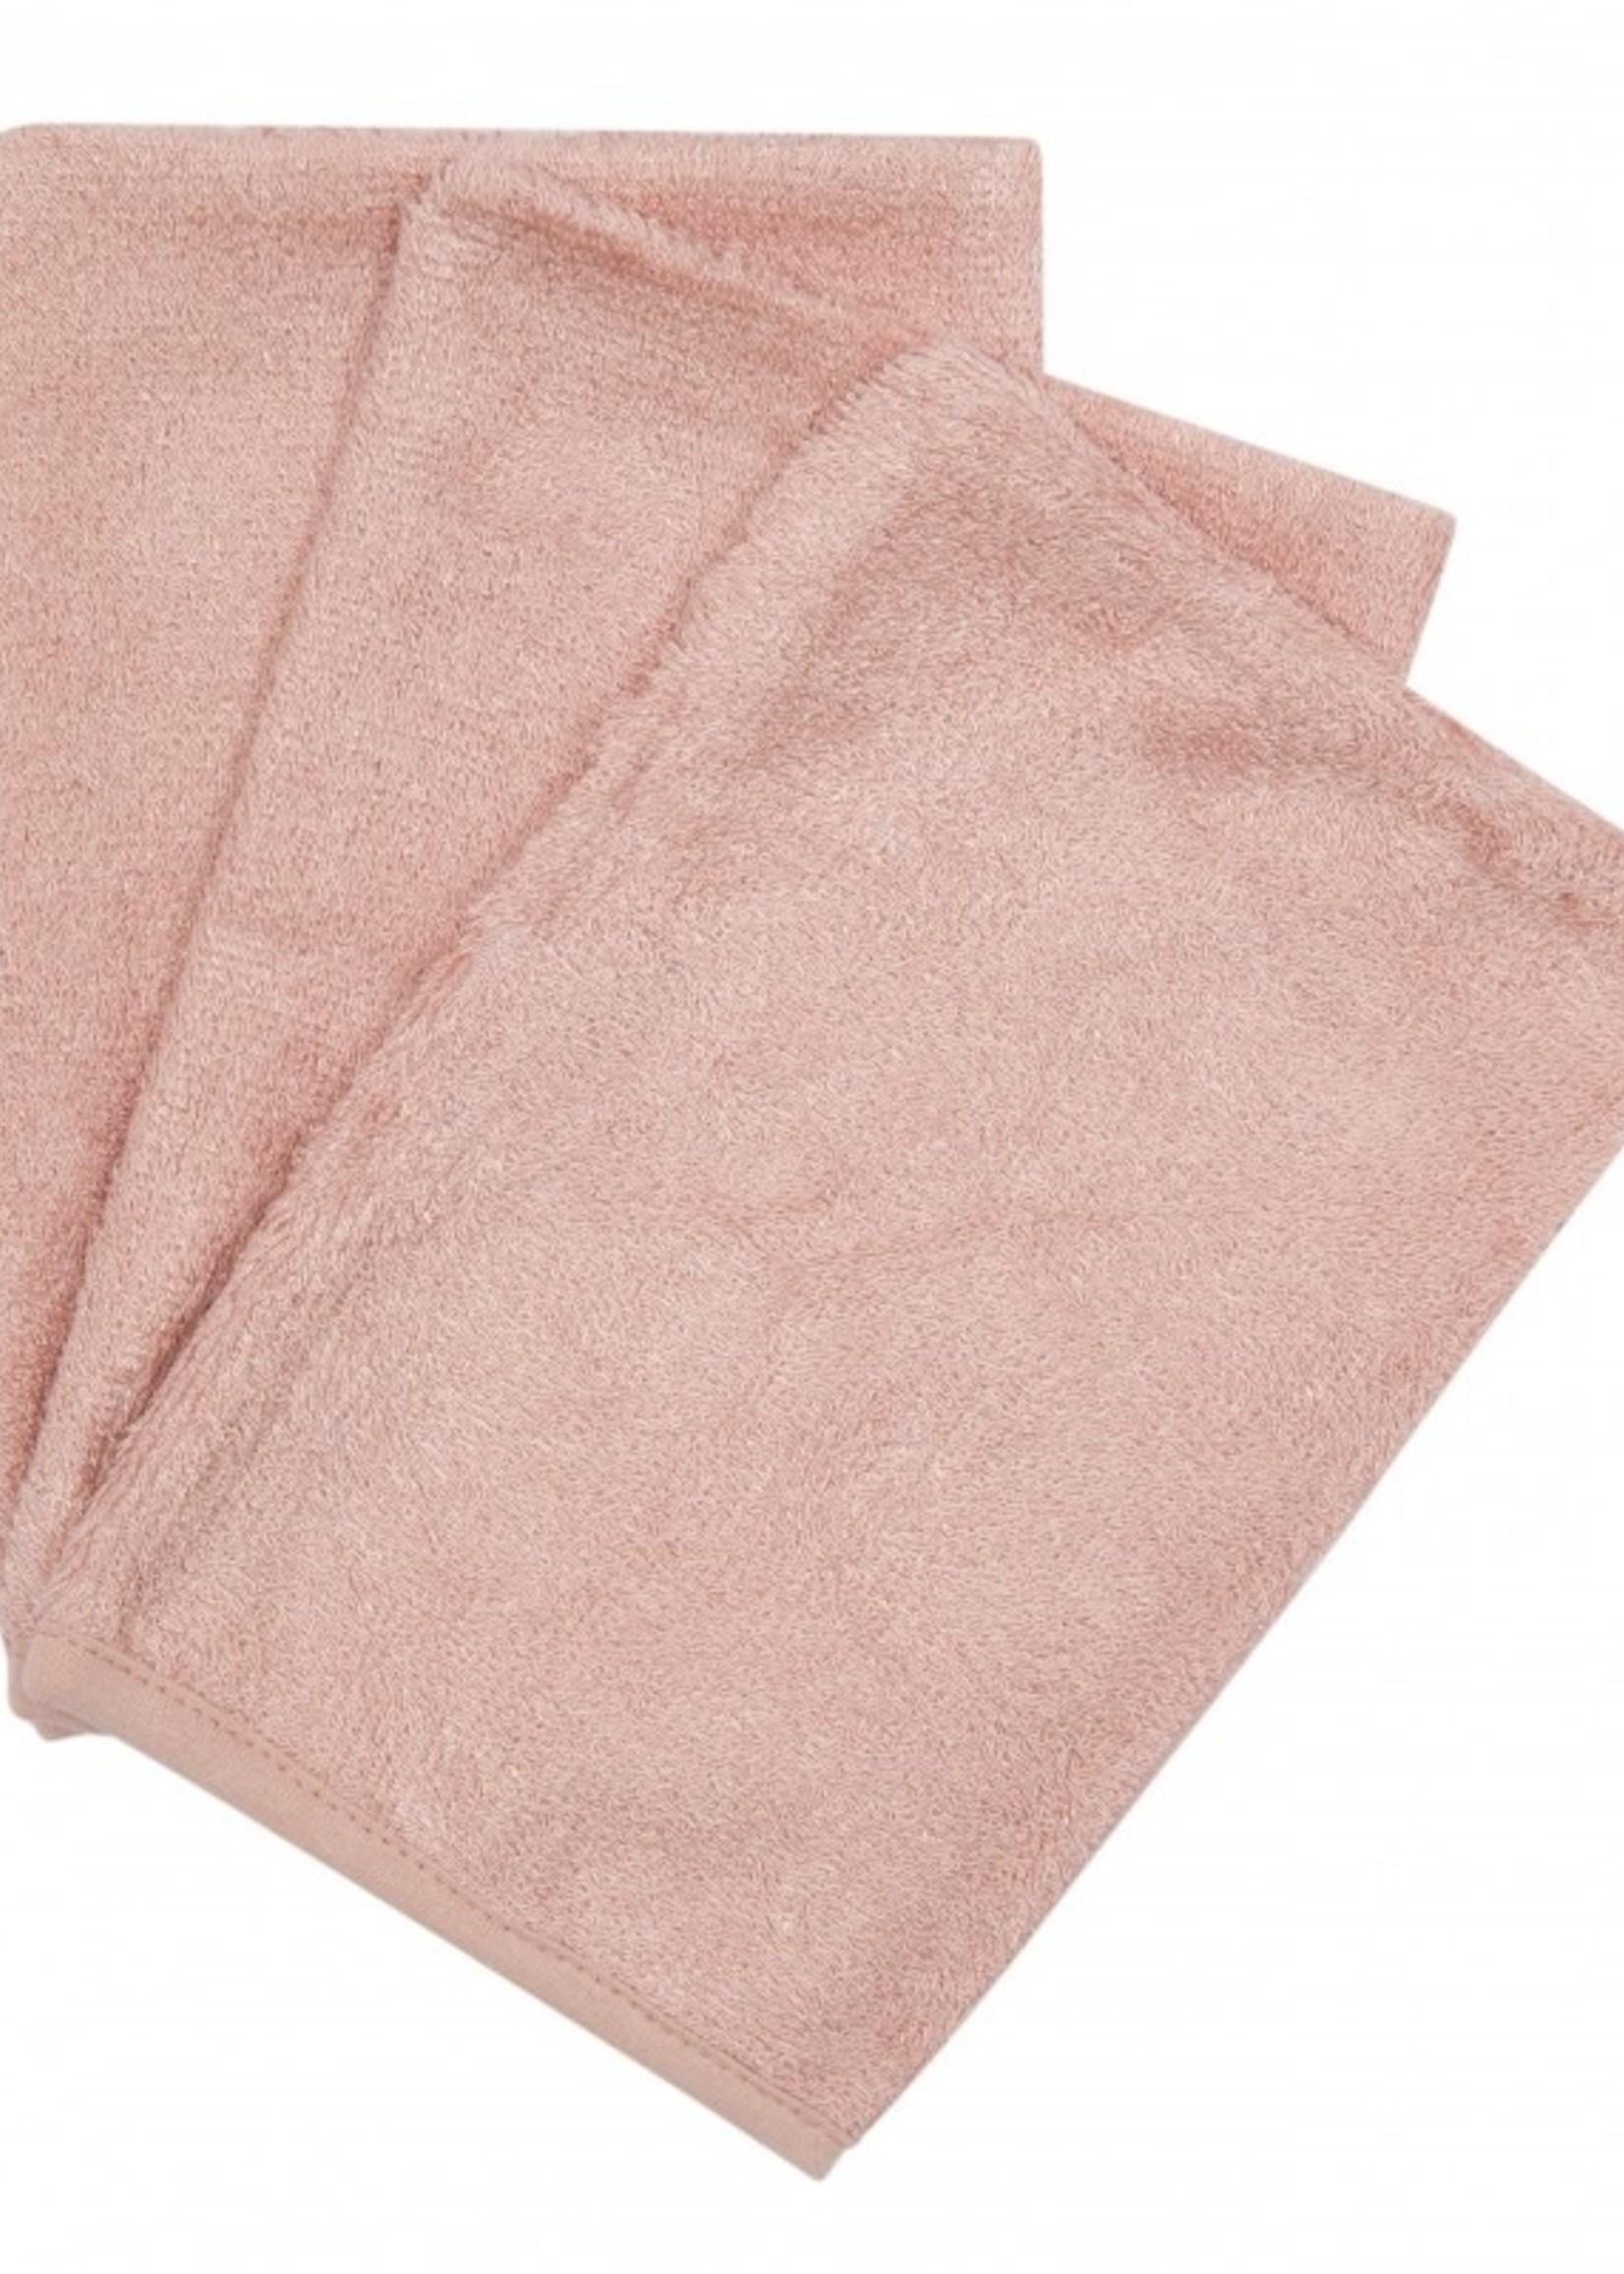 Timboo Set 3 washcloths - Misty Rose